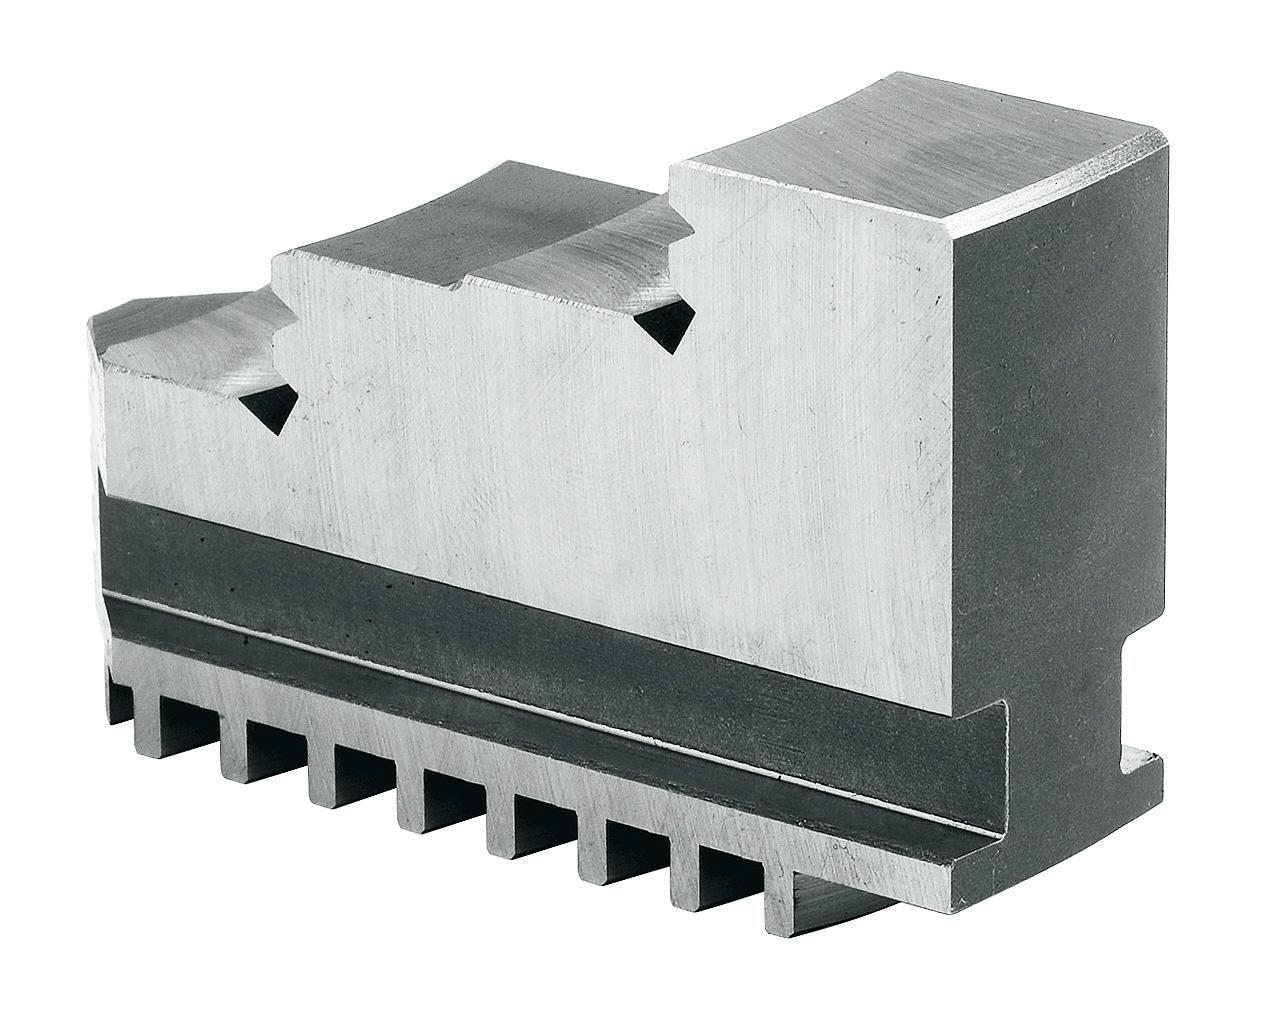 Szczęki jednolite twarde wewnętrzne - komplet DIJ-DK11-100 BERNARDO